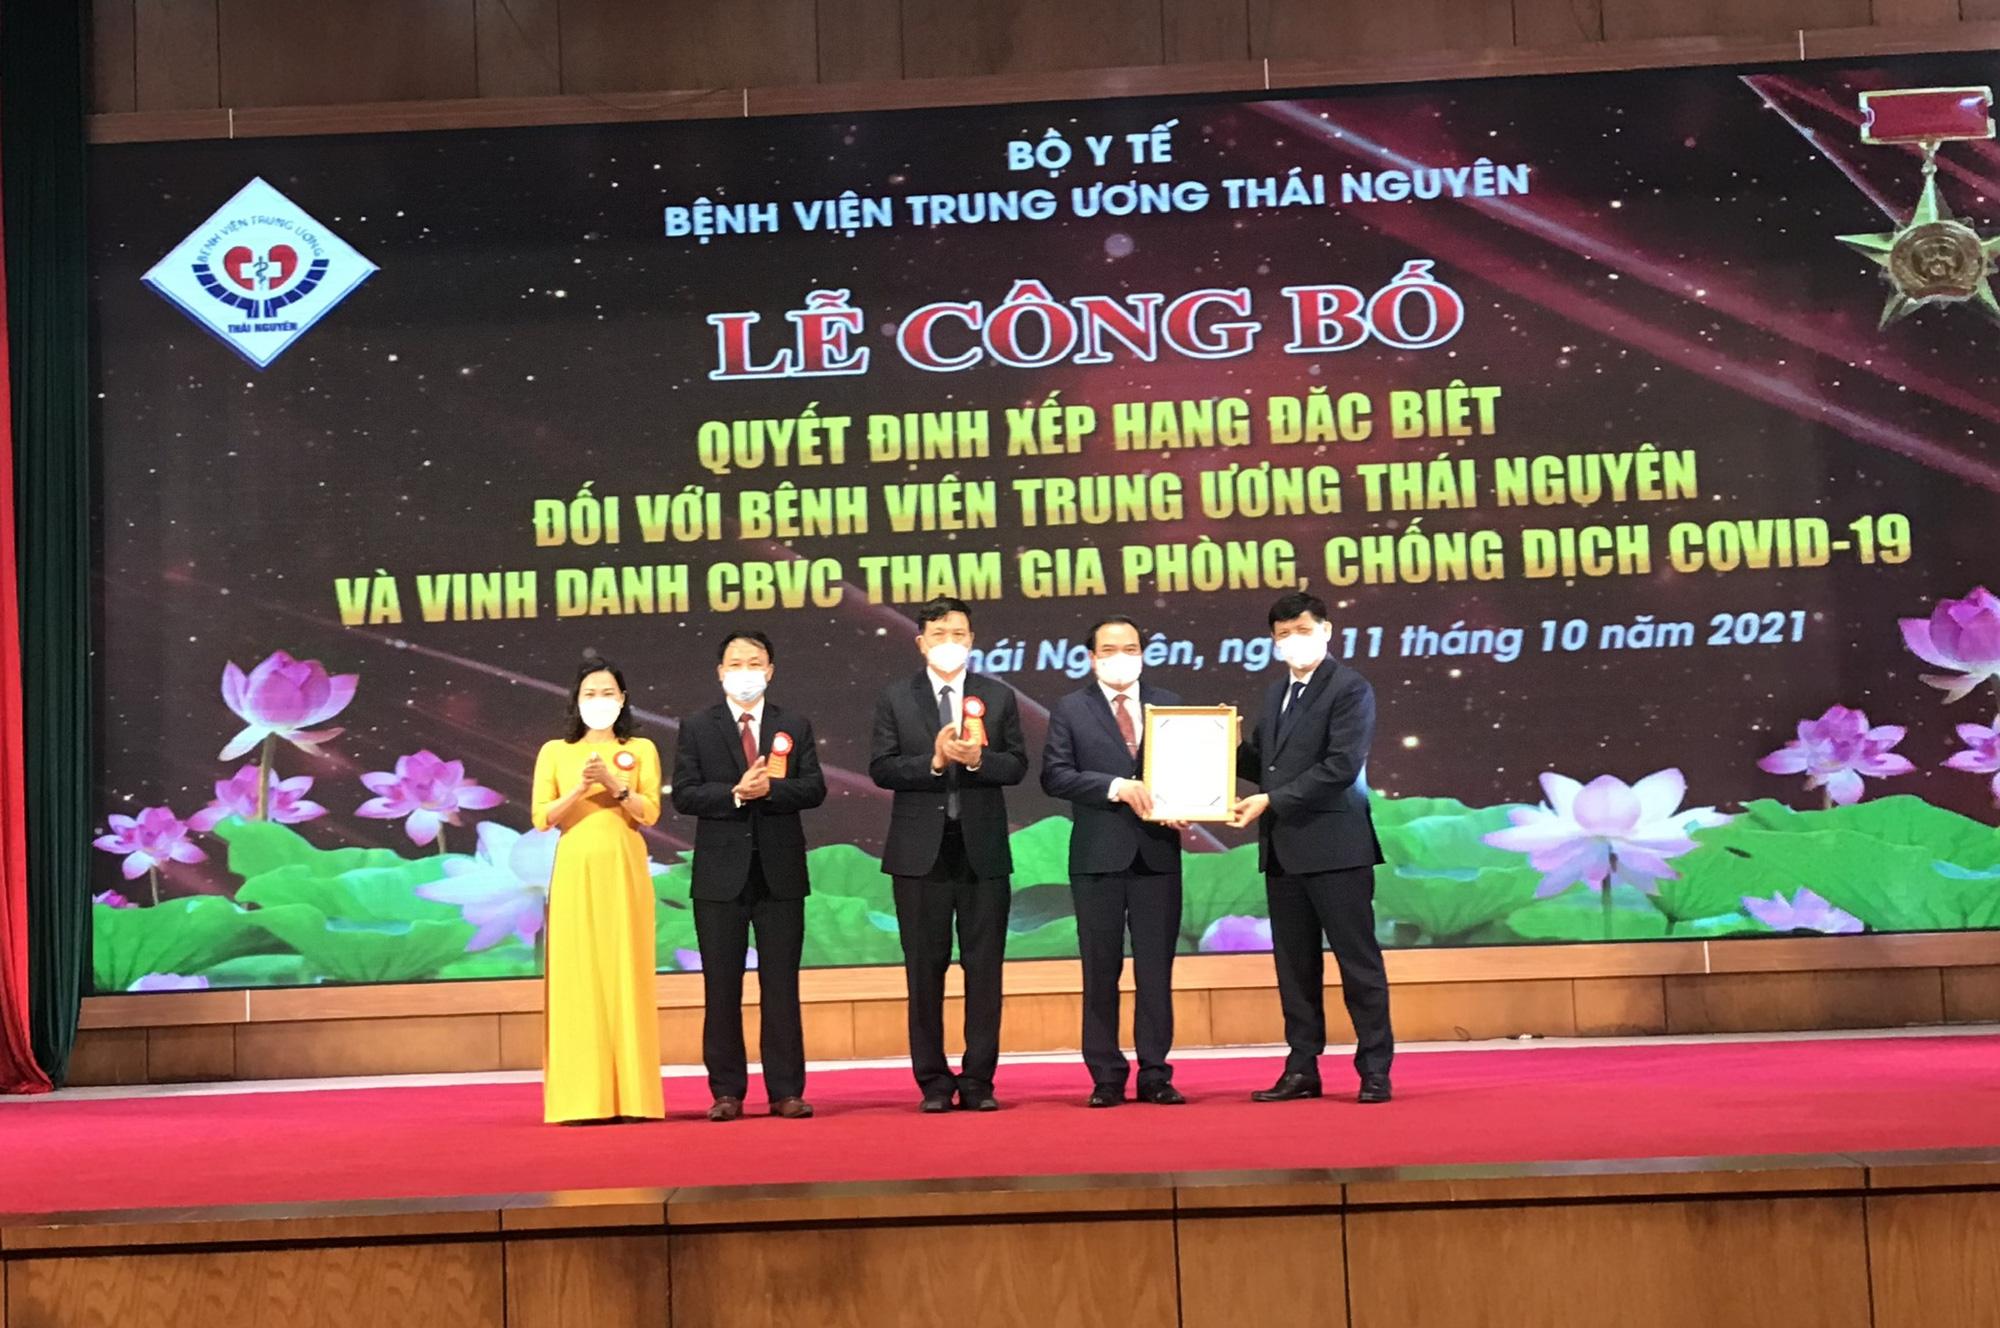 Bộ trưởng Bộ Y tế trao quyết định hạng đặc biệt cho BV TW Thái Nguyên - Ảnh 2.